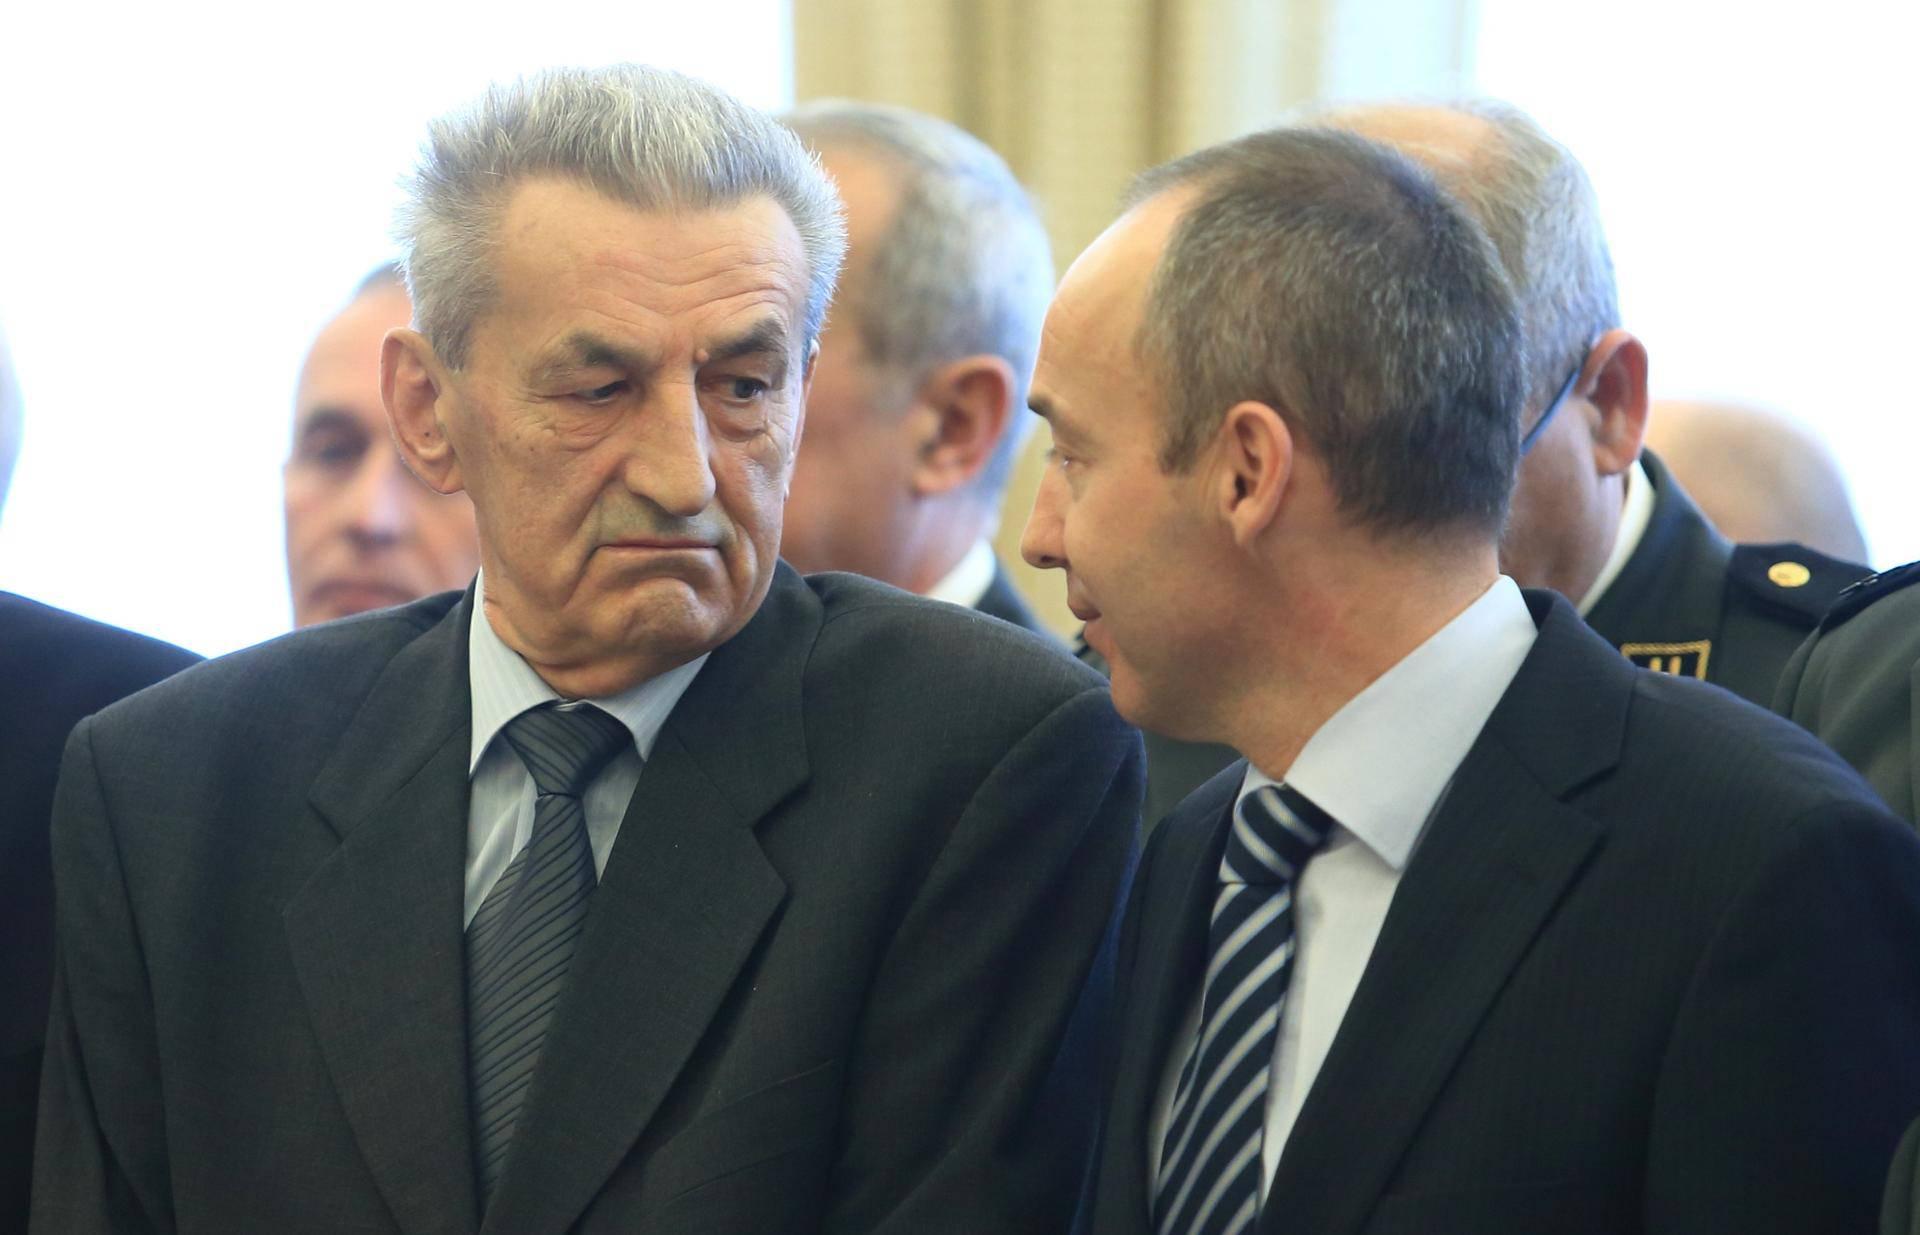 Dva slavna generala pokazala su kakva Hrvatska treba biti